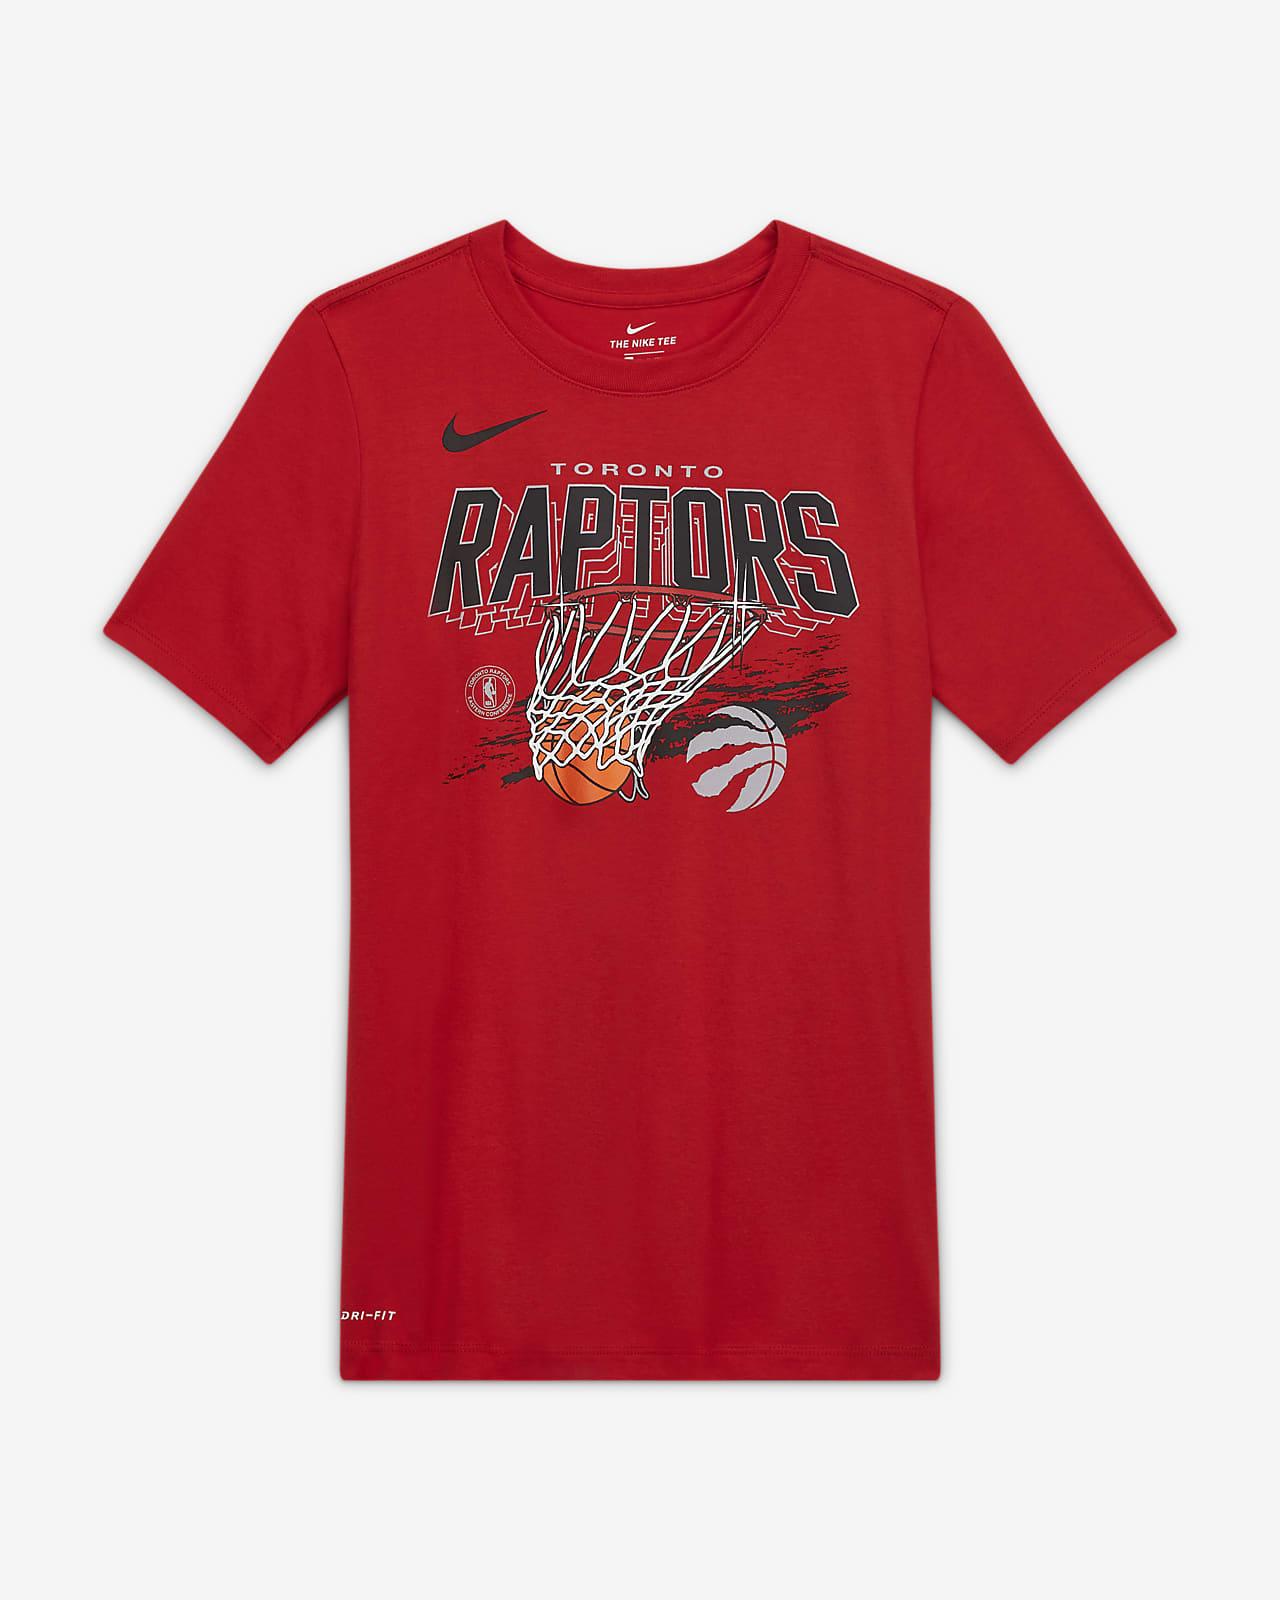 Raptors Team Mark Older Kids' Nike Dri-FIT NBA T-Shirt